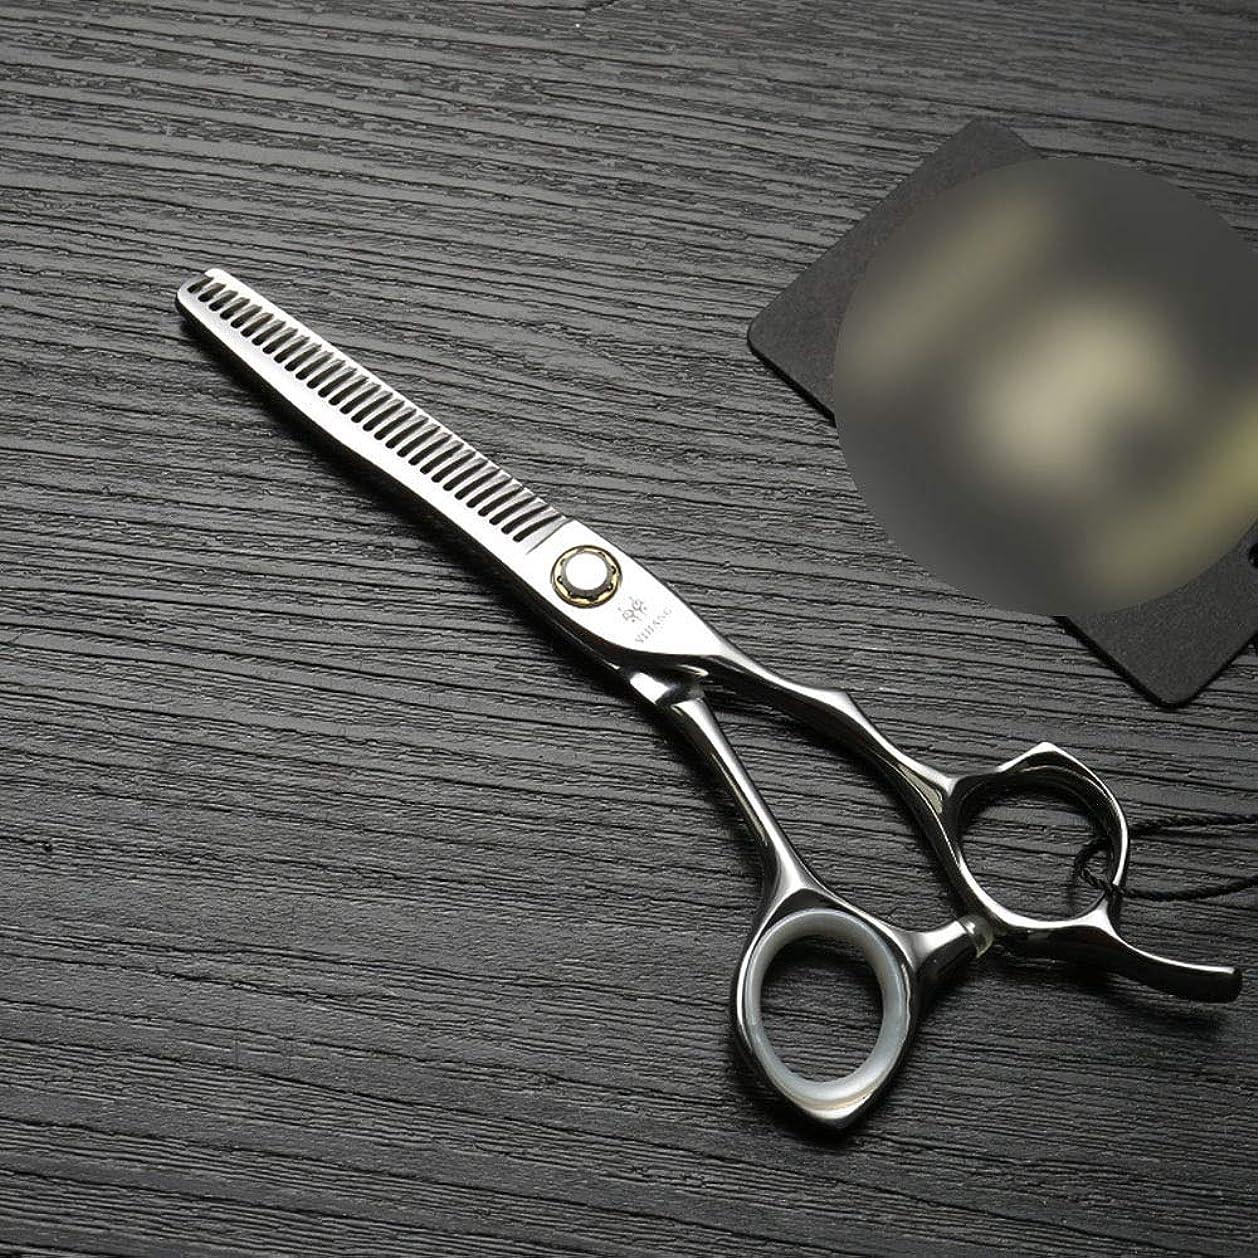 Blian1 6インチの専門の理髪師はさみ軸受けねじ、ステンレス鋼の薄くなるはさみ (色 : Silver)